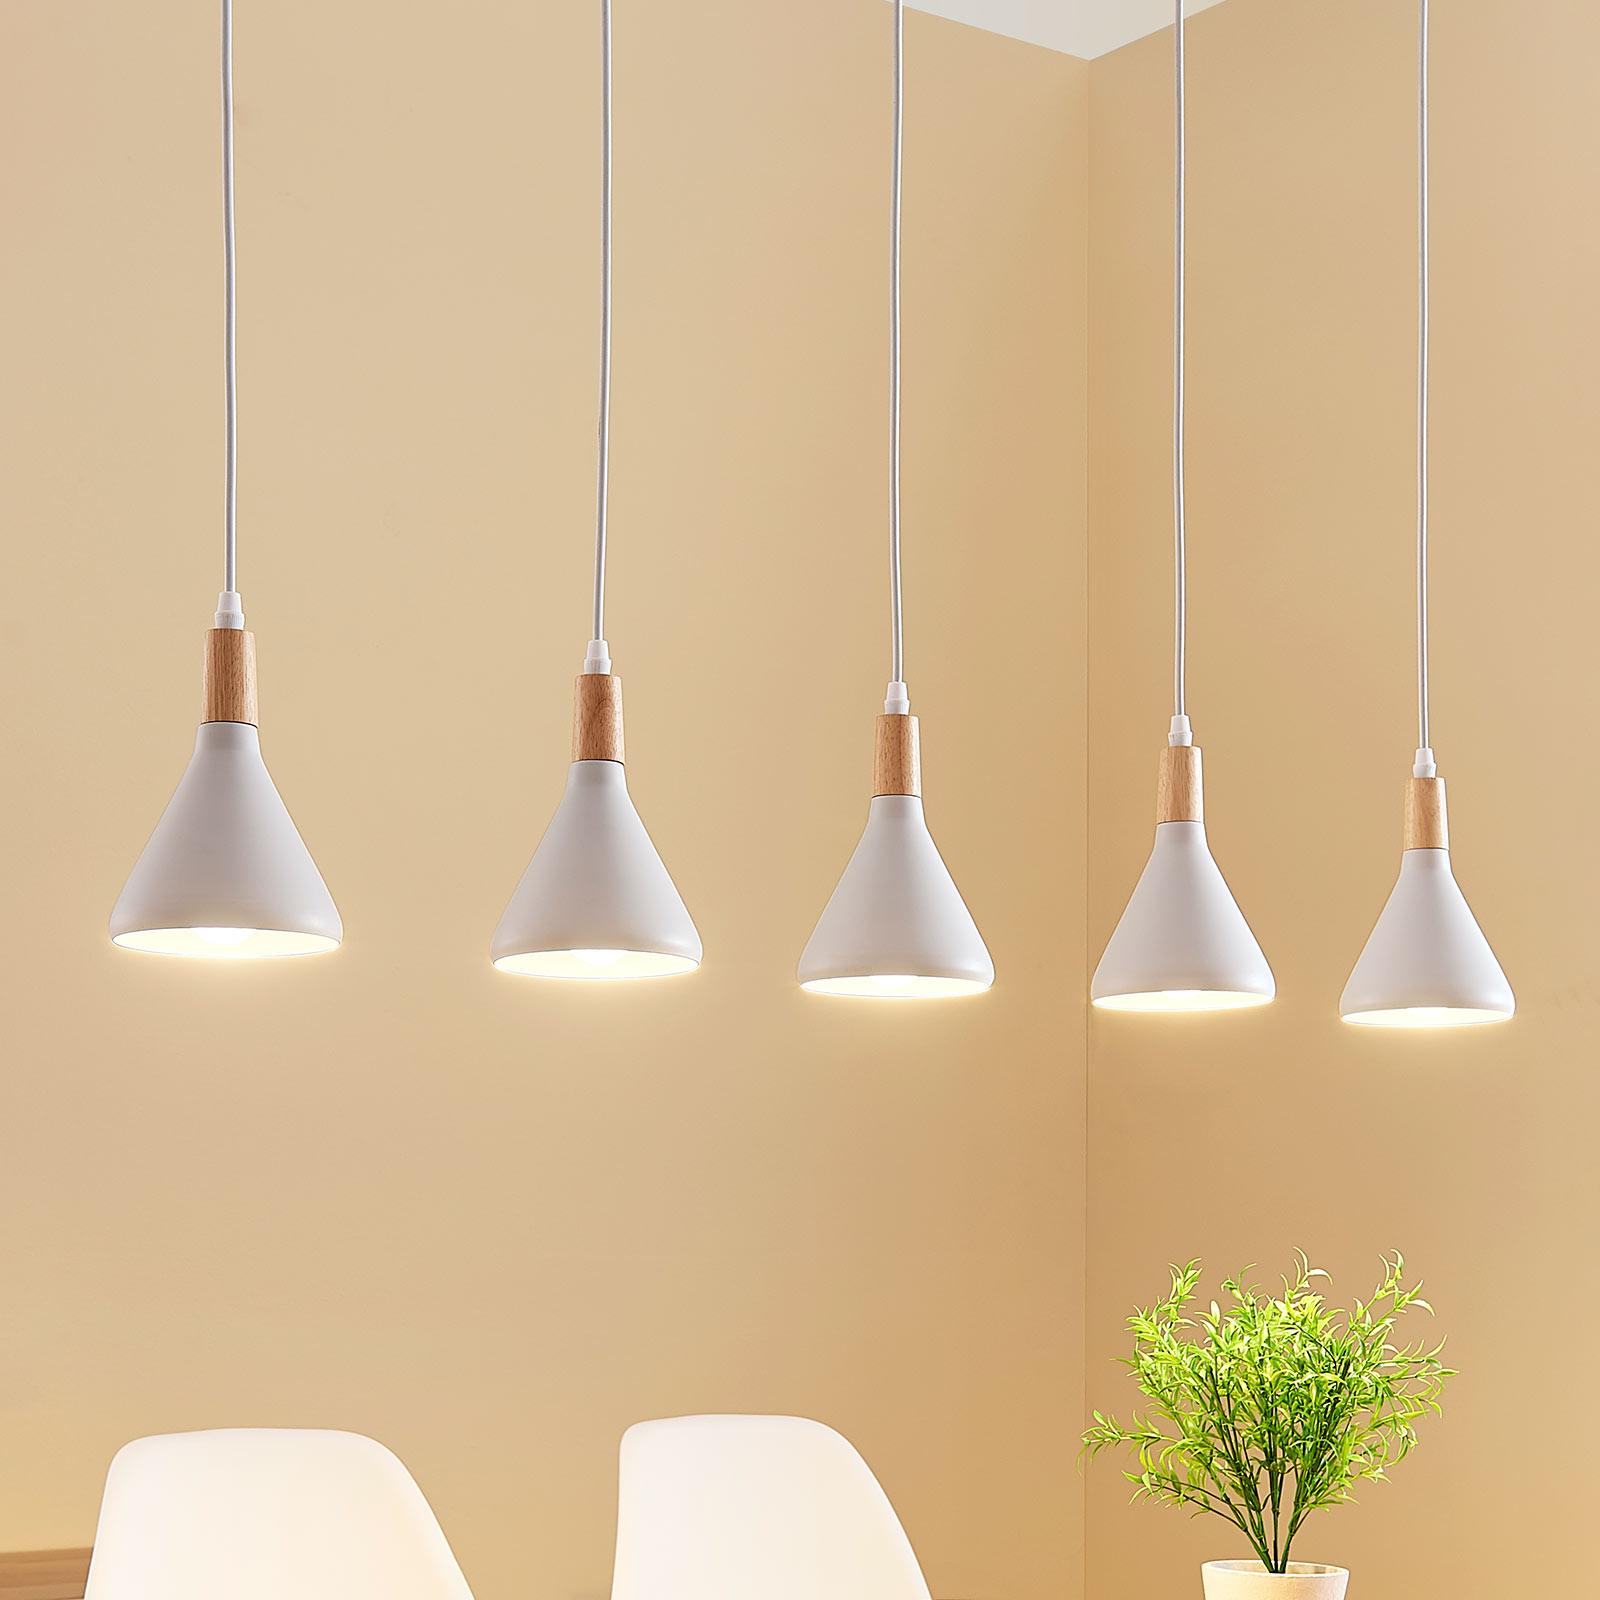 Závěsné LED světlo Arina v bílé, 5bodové